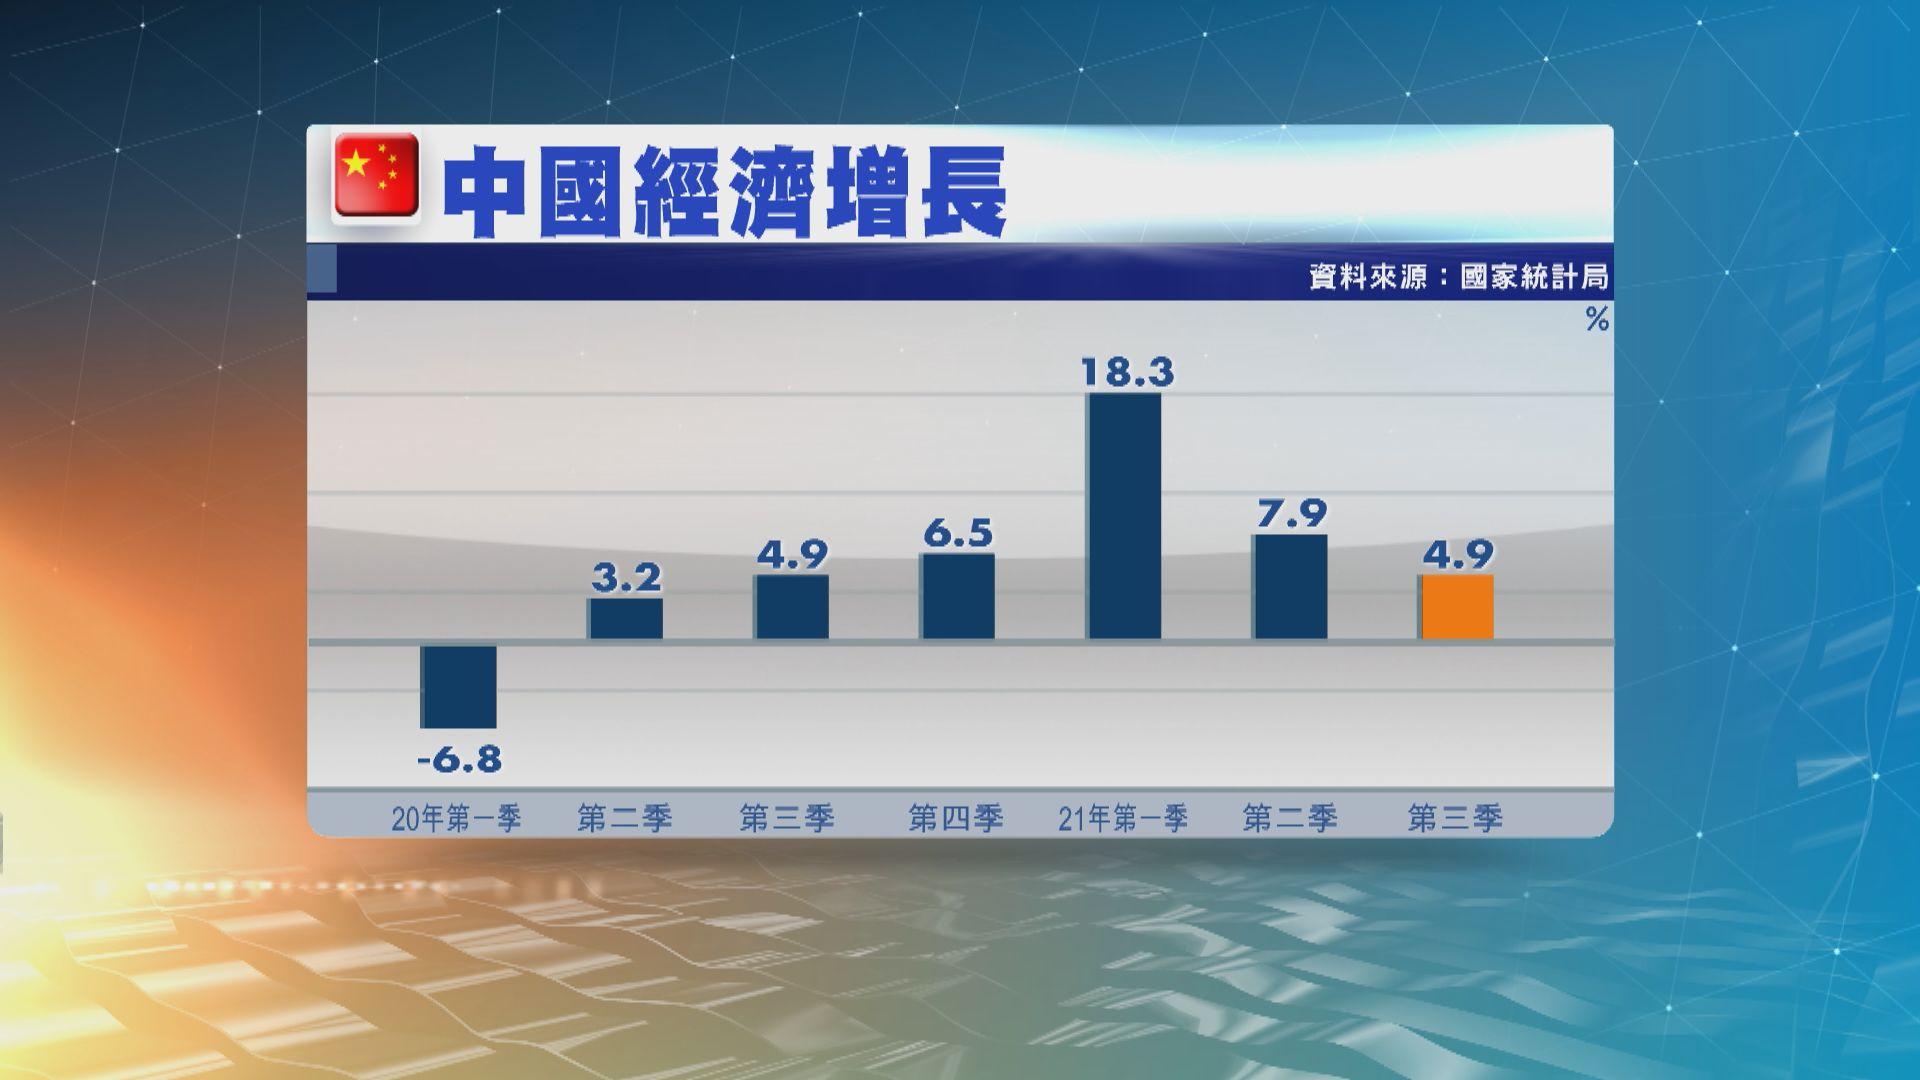 【經濟數據】內地第三季經濟增長4.9% 略遜預期